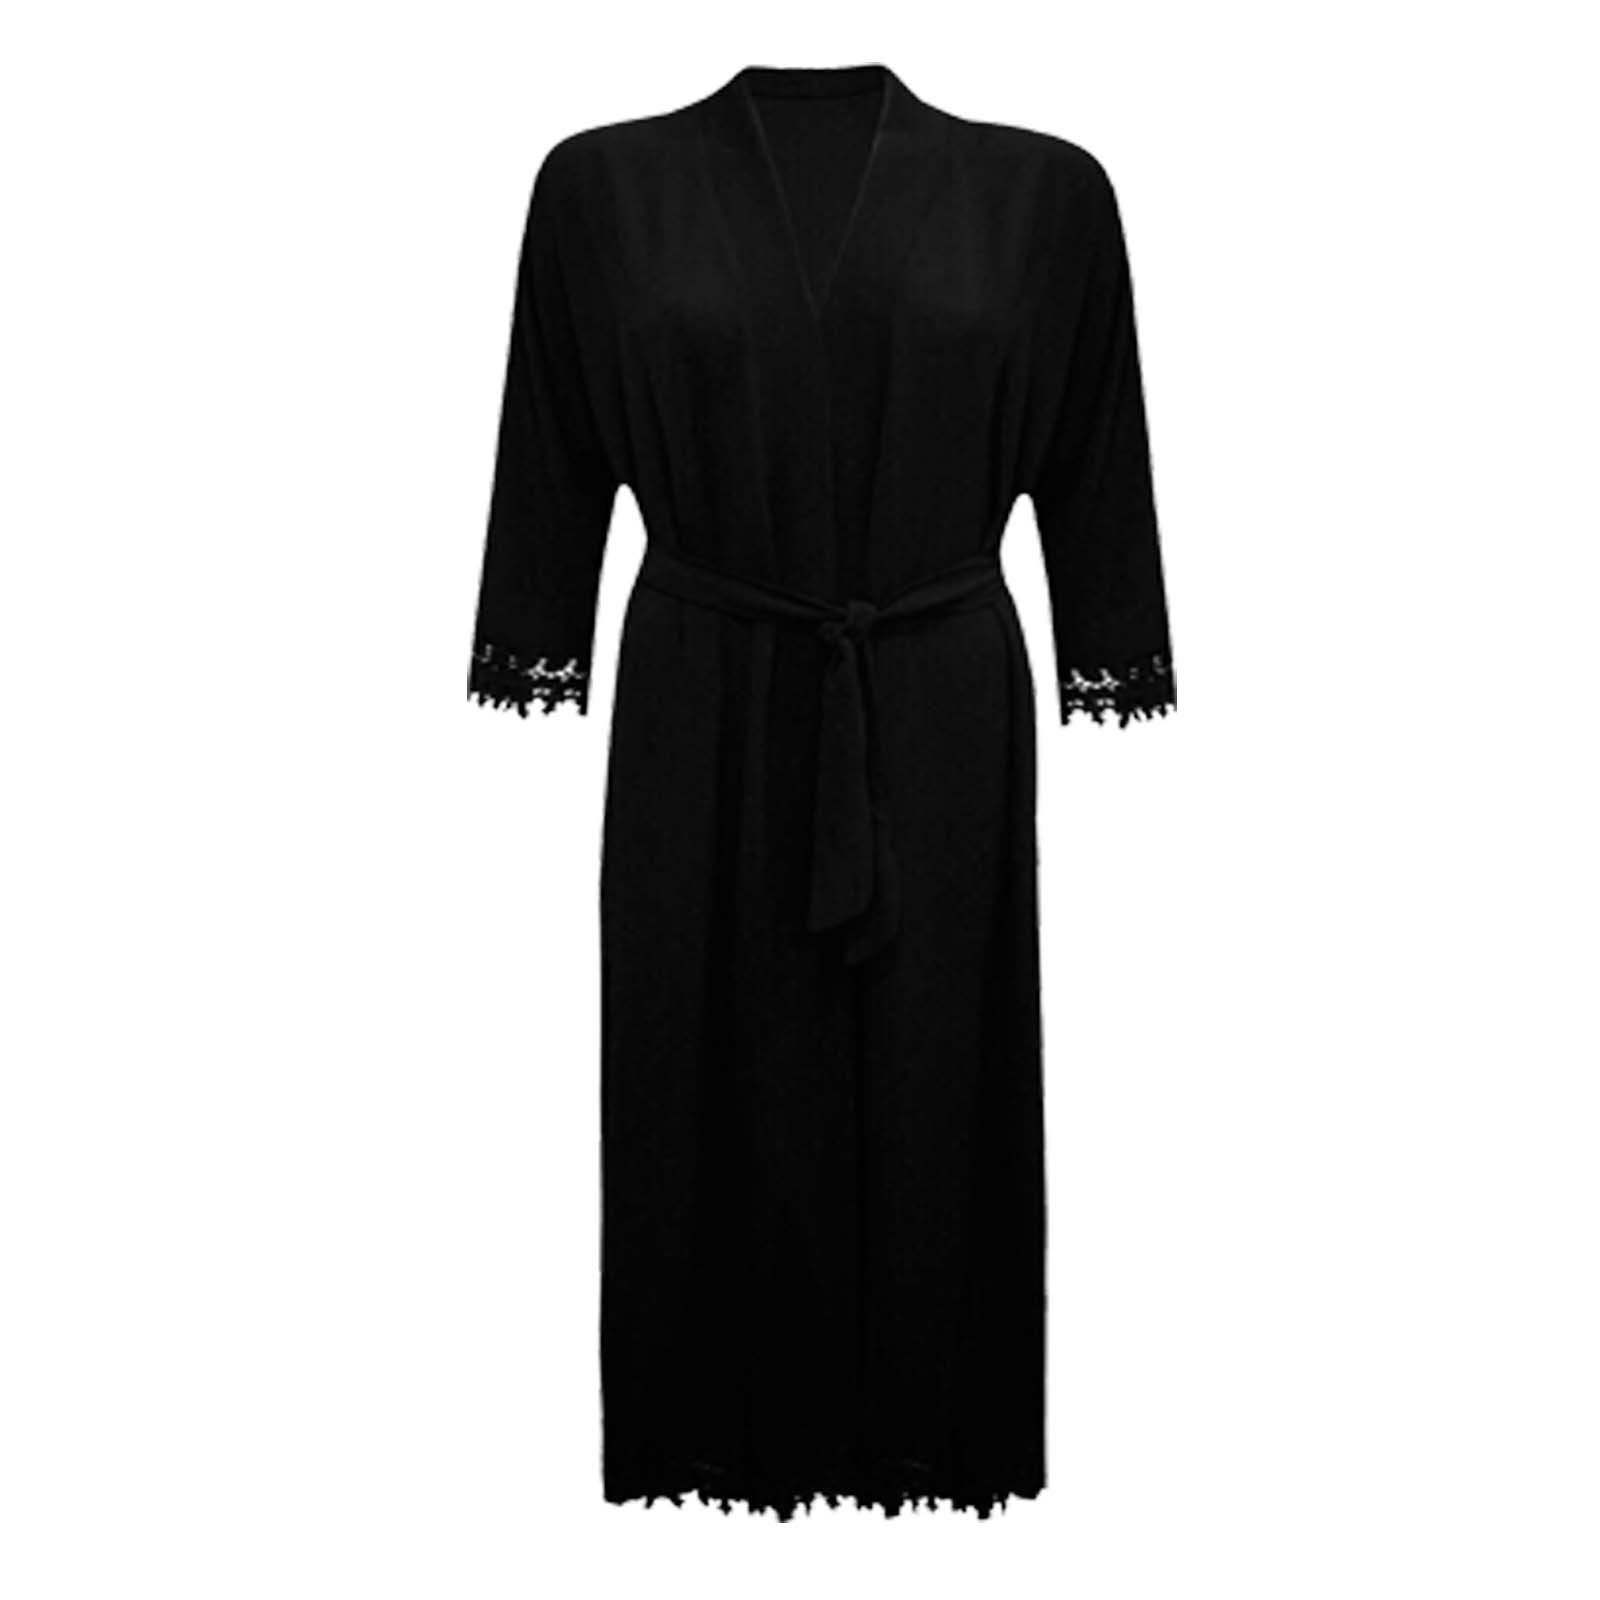 Womens Ladies  Lace Belted Long Sleeve Abaya Style Kimono Pleated Maxi Cardigan